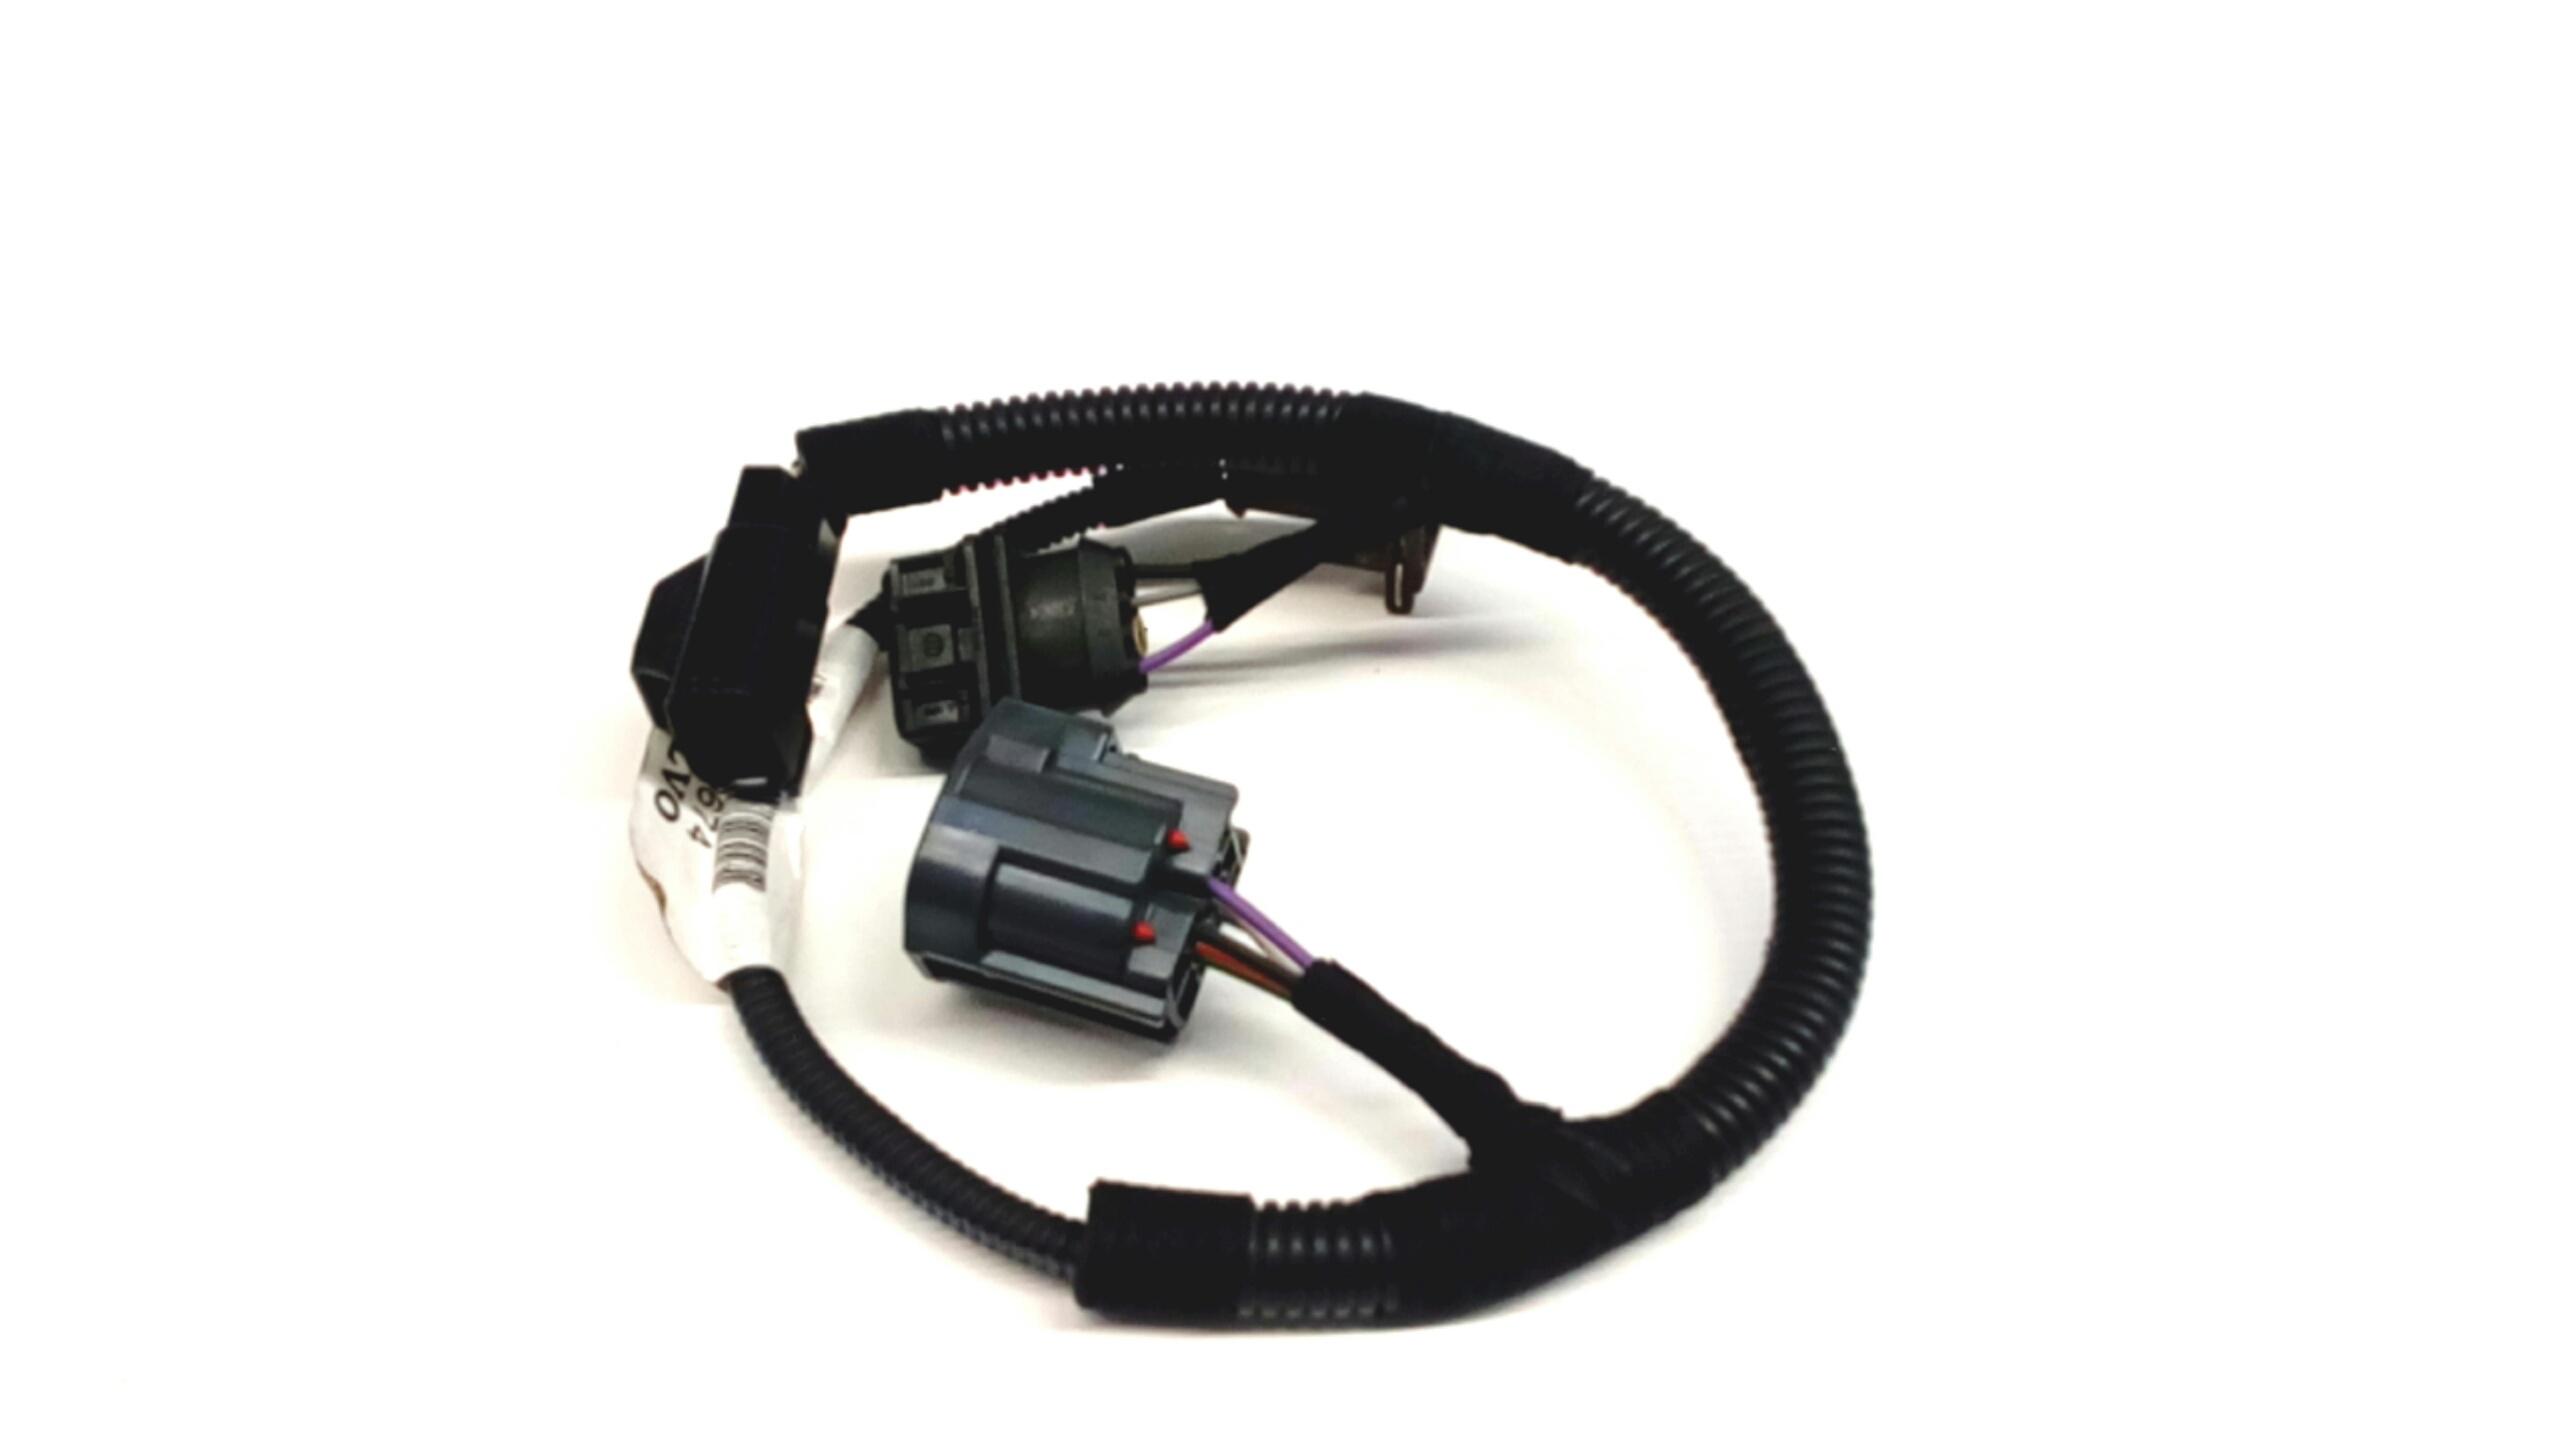 8659674 - Volvo Headlight Wiring Harness  Left   Ch -172999  Ch -234999  Ch